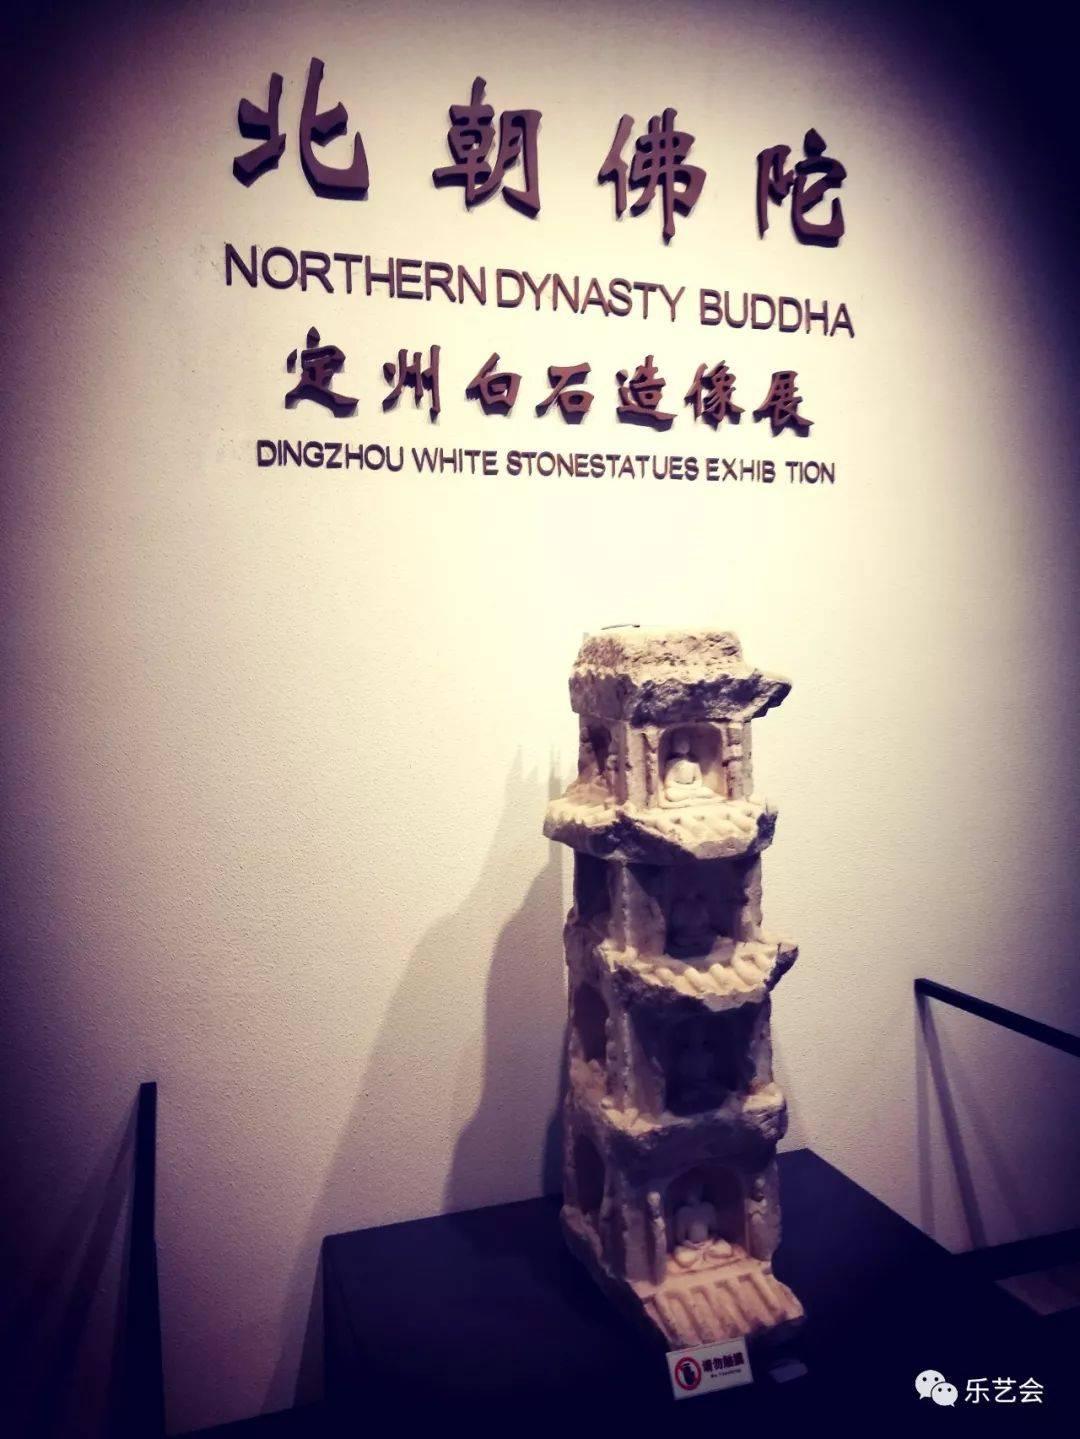 《北朝佛陀:定州白石造像展之三》:铸客分享